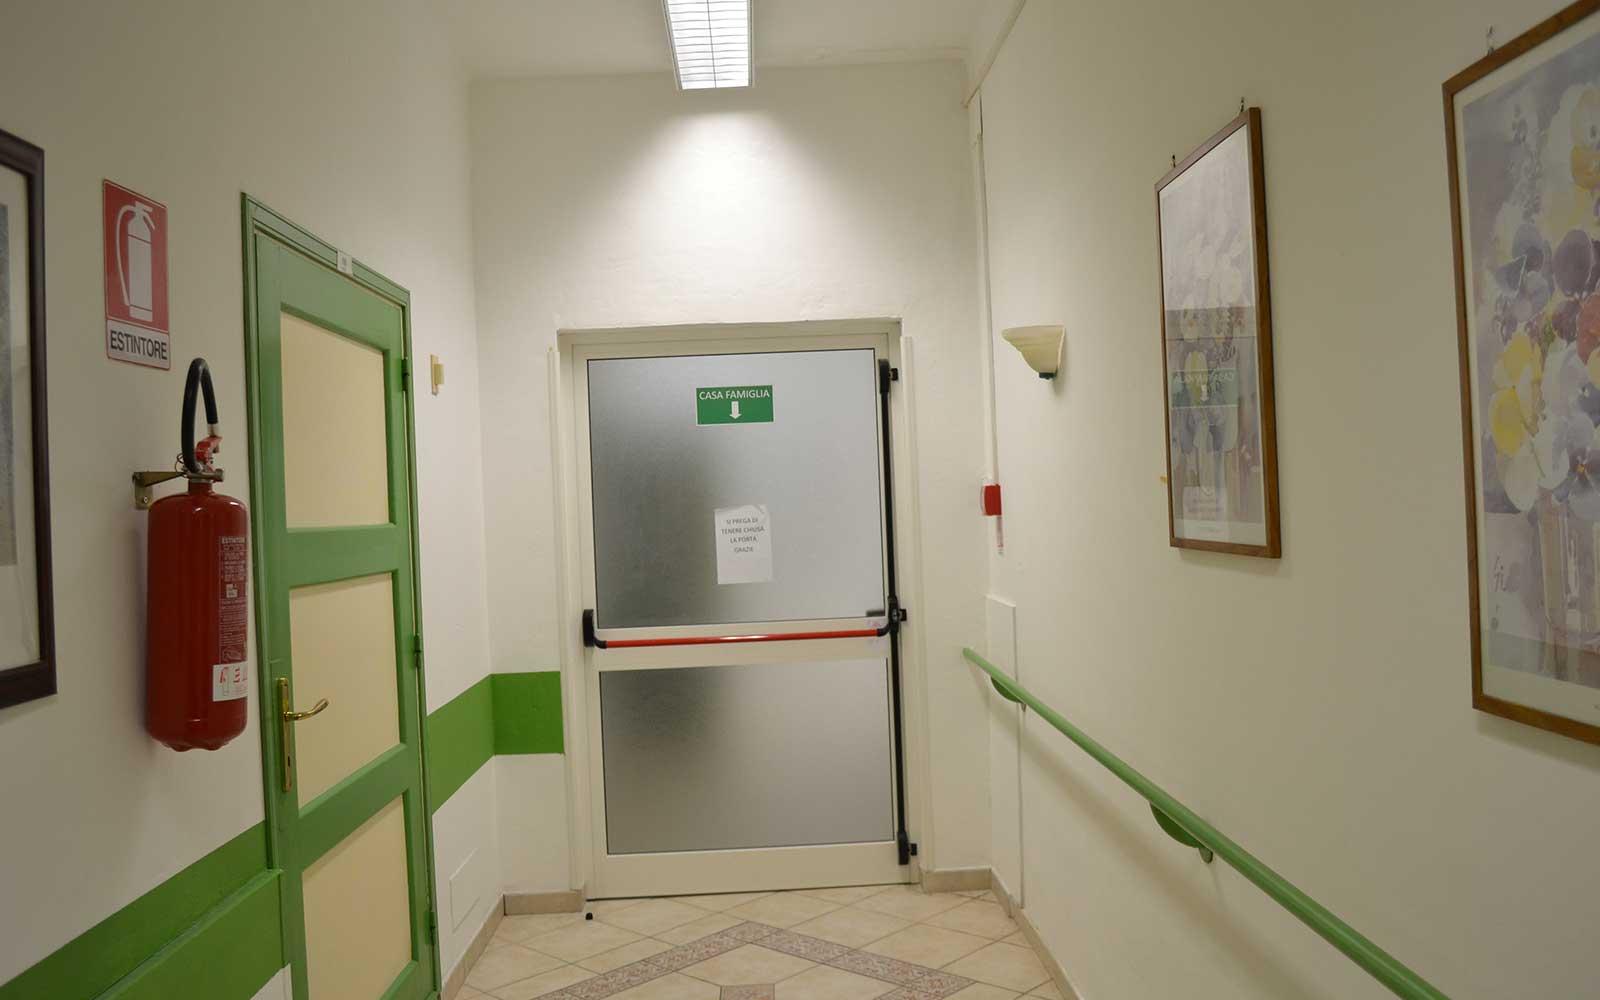 un corridoio con un uscita di emergenza